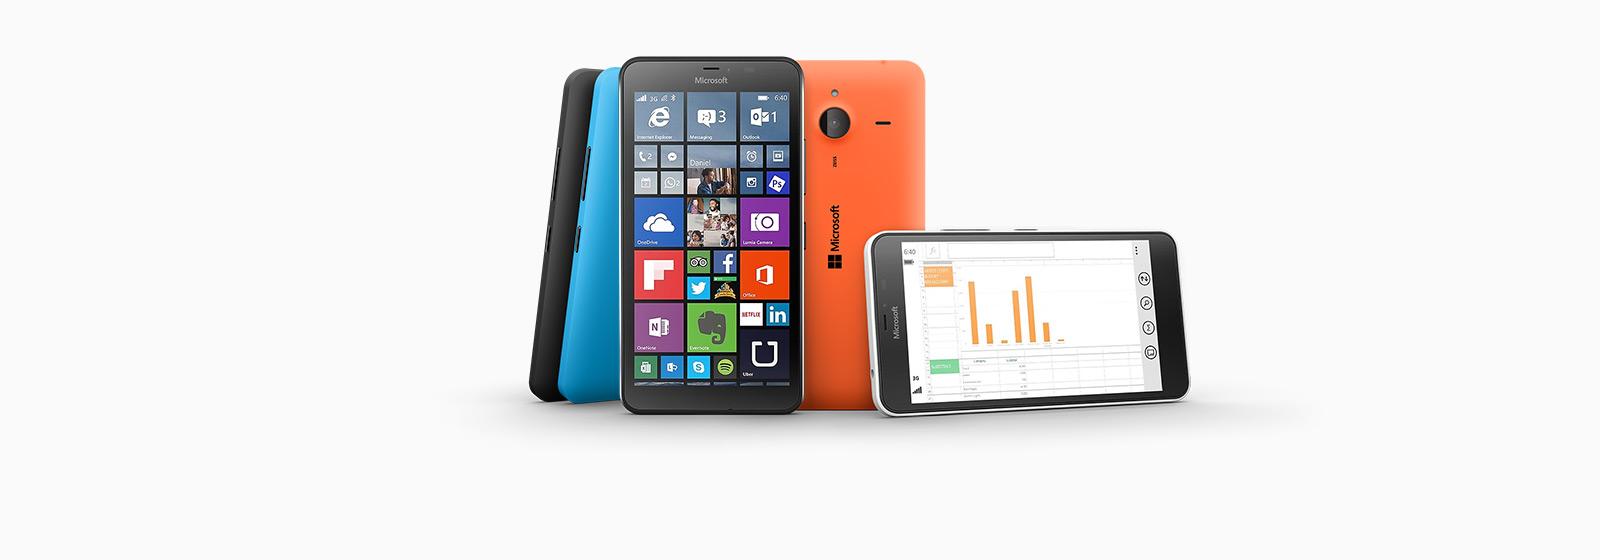 Купите Lumia 640 XL со встроенным Office 365 Персональный.